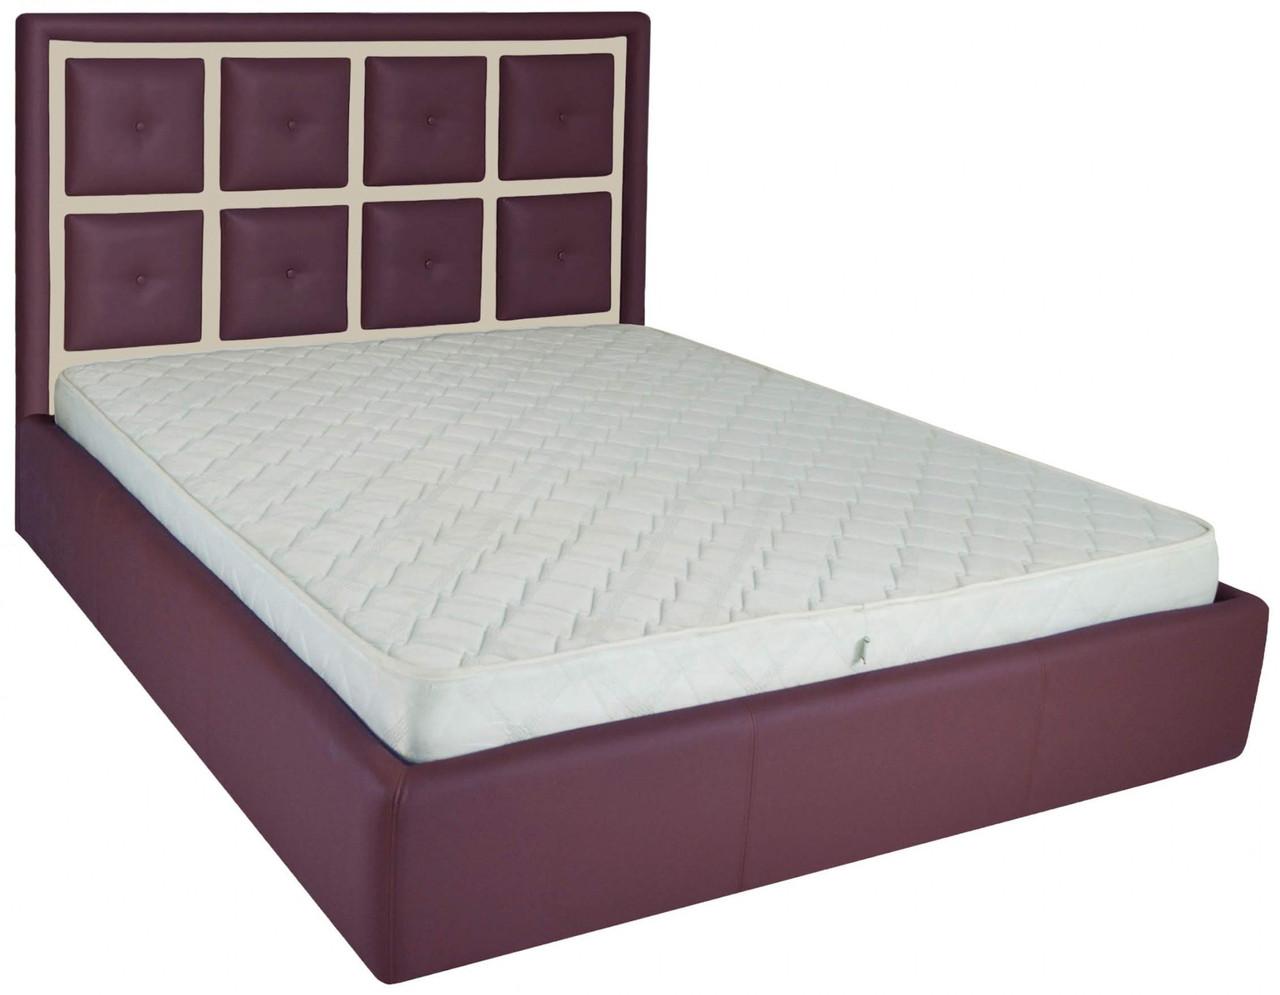 Ліжко Richman Віндзор VIP 140 х 190 см Флай 2216/2207 З додаткової металевої суцільнозварний рамою Фіолетова+Бежева